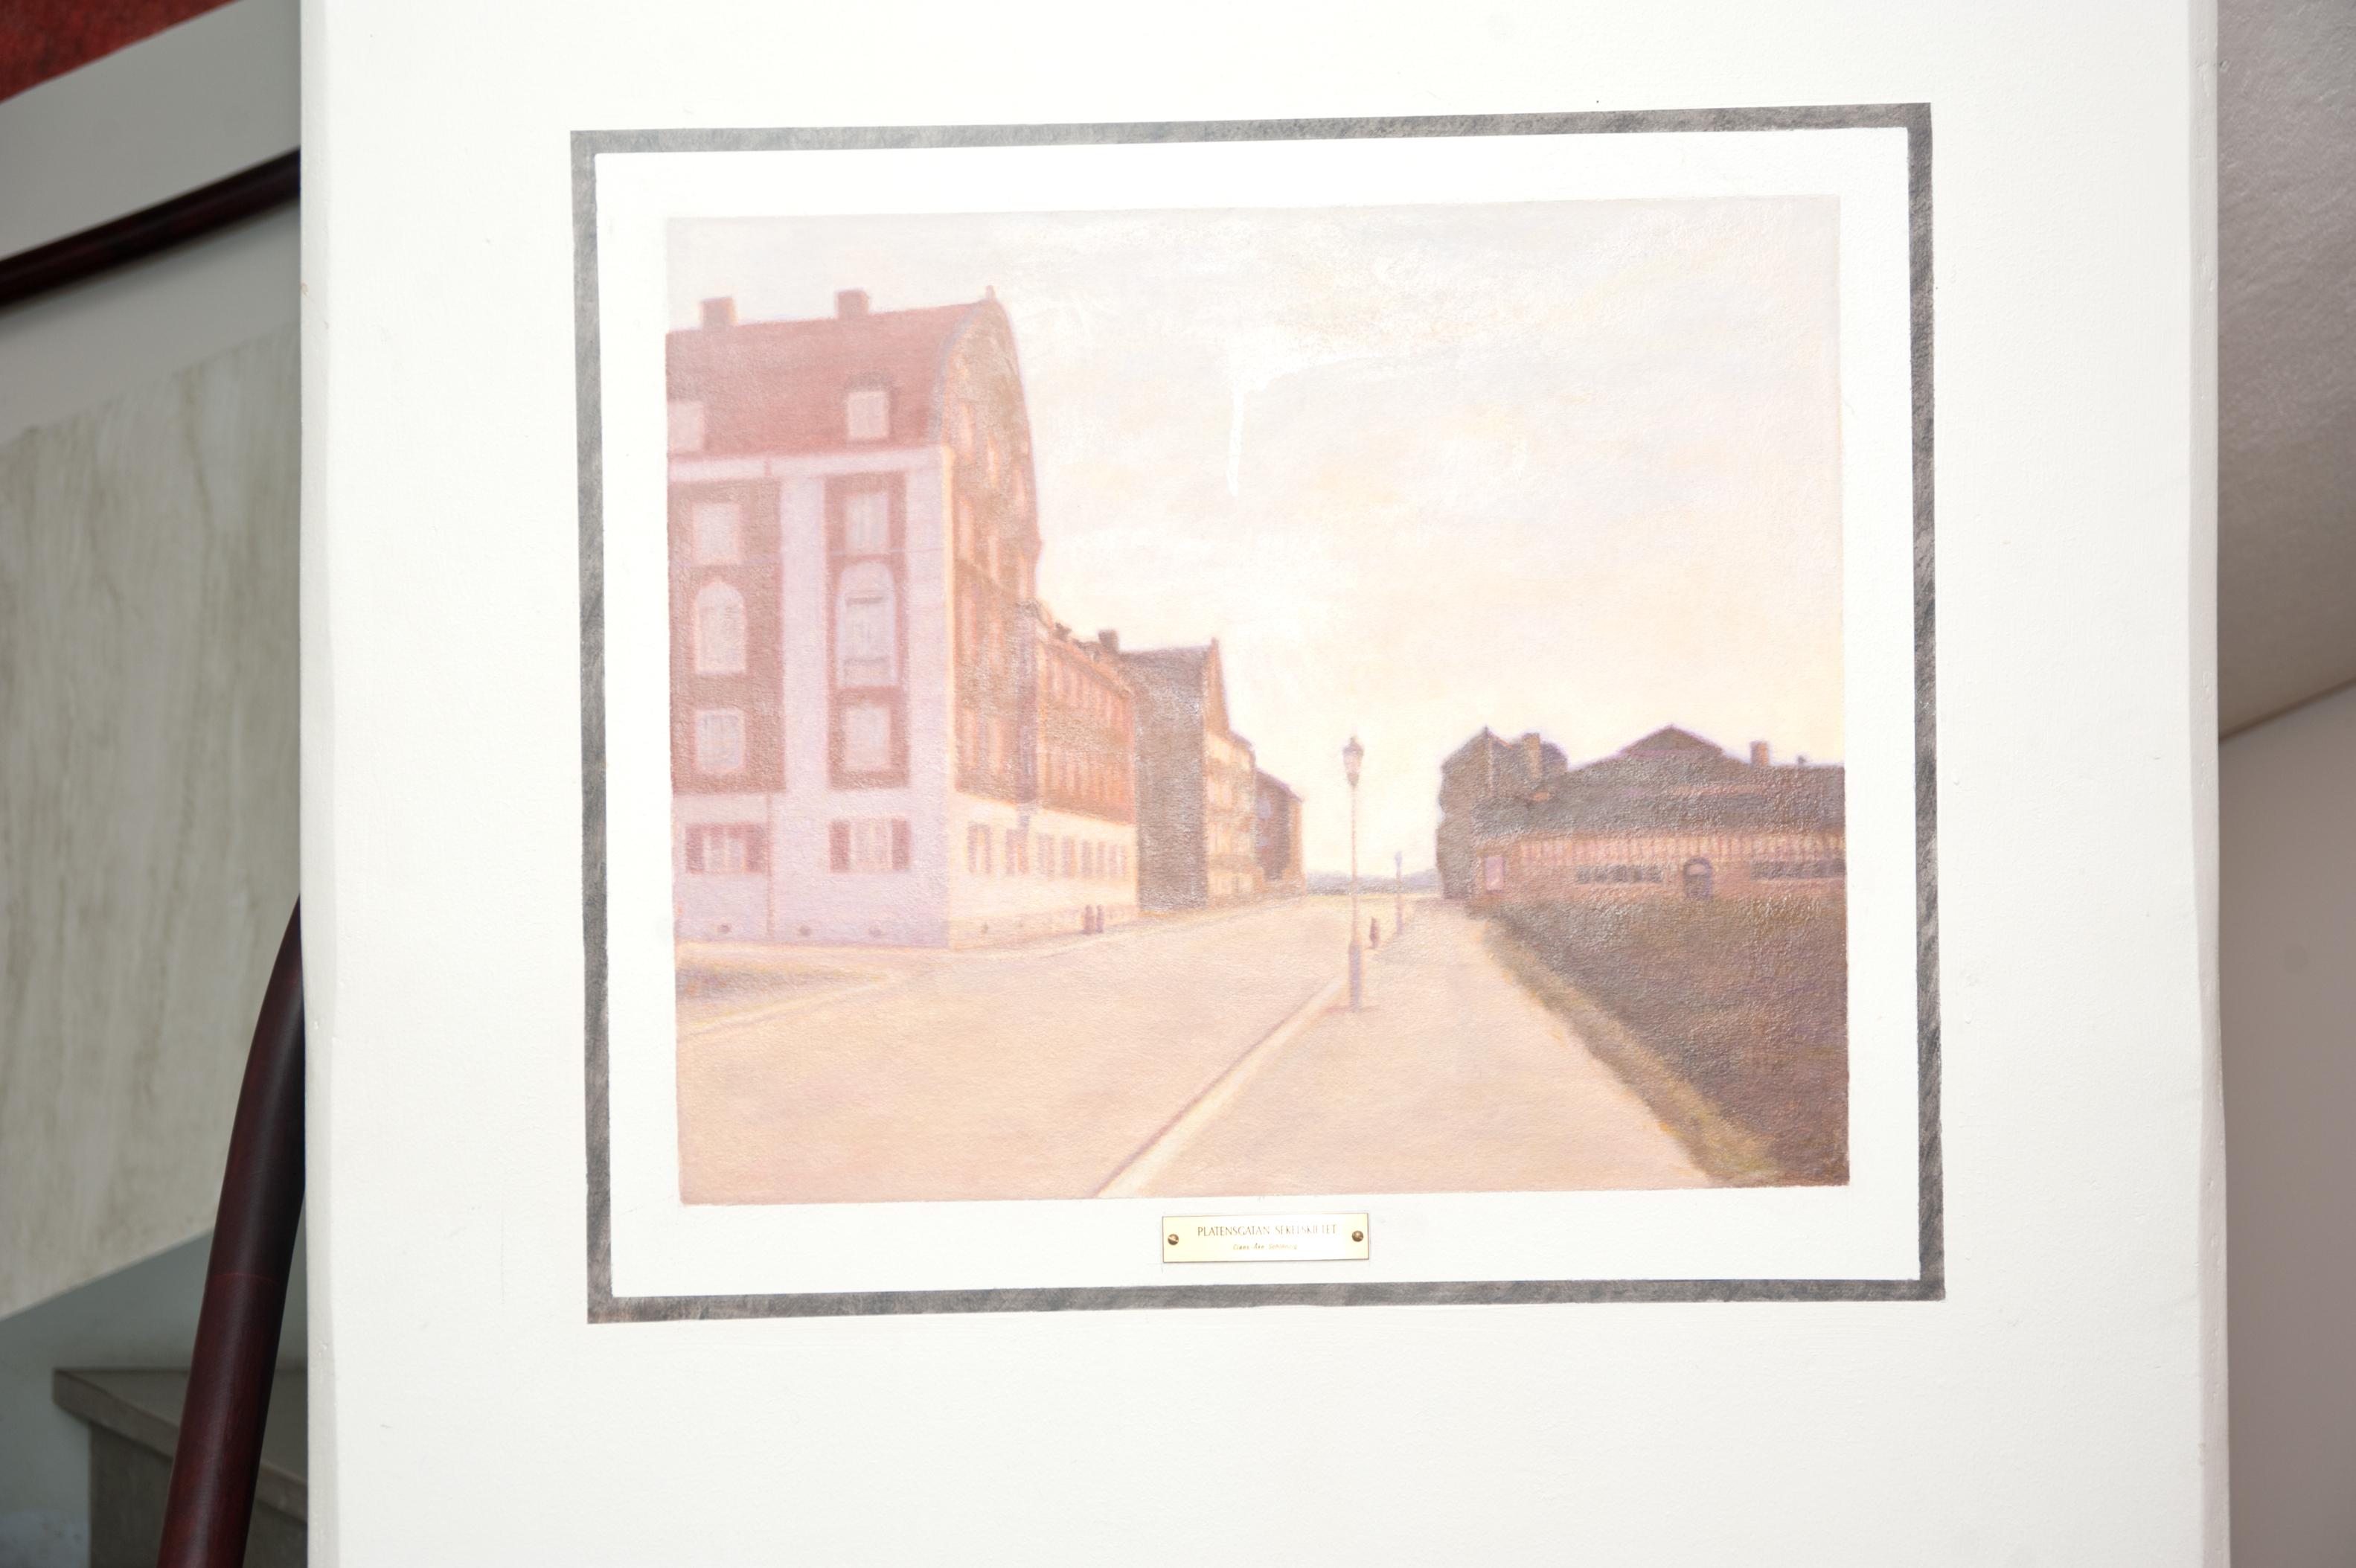 Claes-Åke Schlönzig - Platensgatan (sekelskiftet) - Klicka för att byta till närbild.